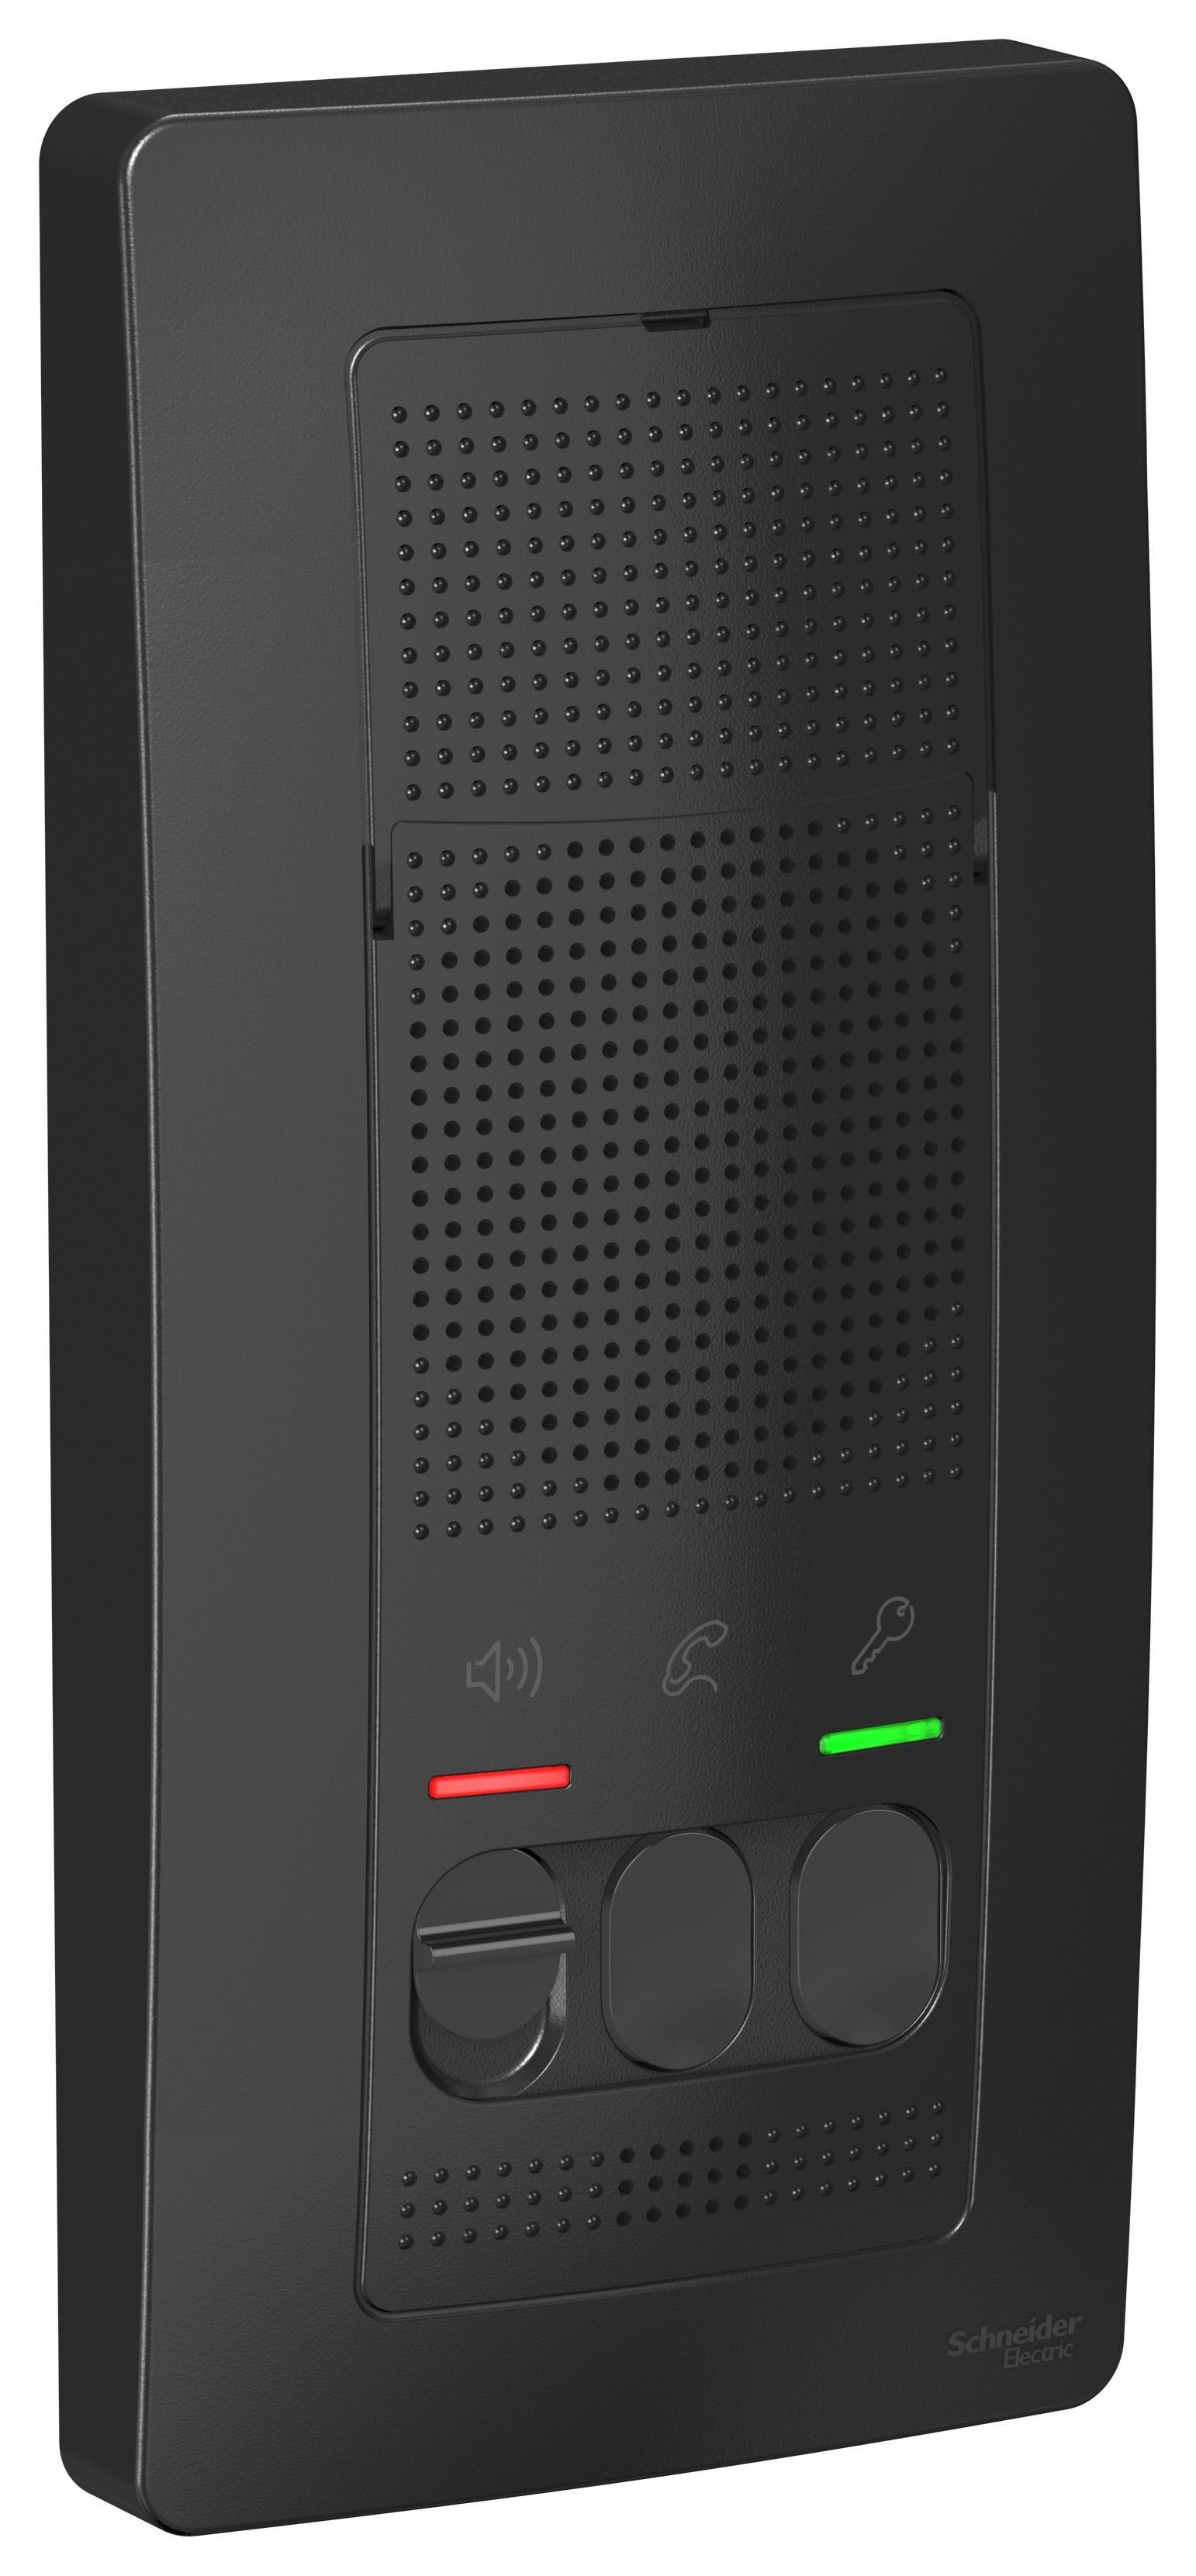 Устройство переговорное Schneider electric Blnda000016